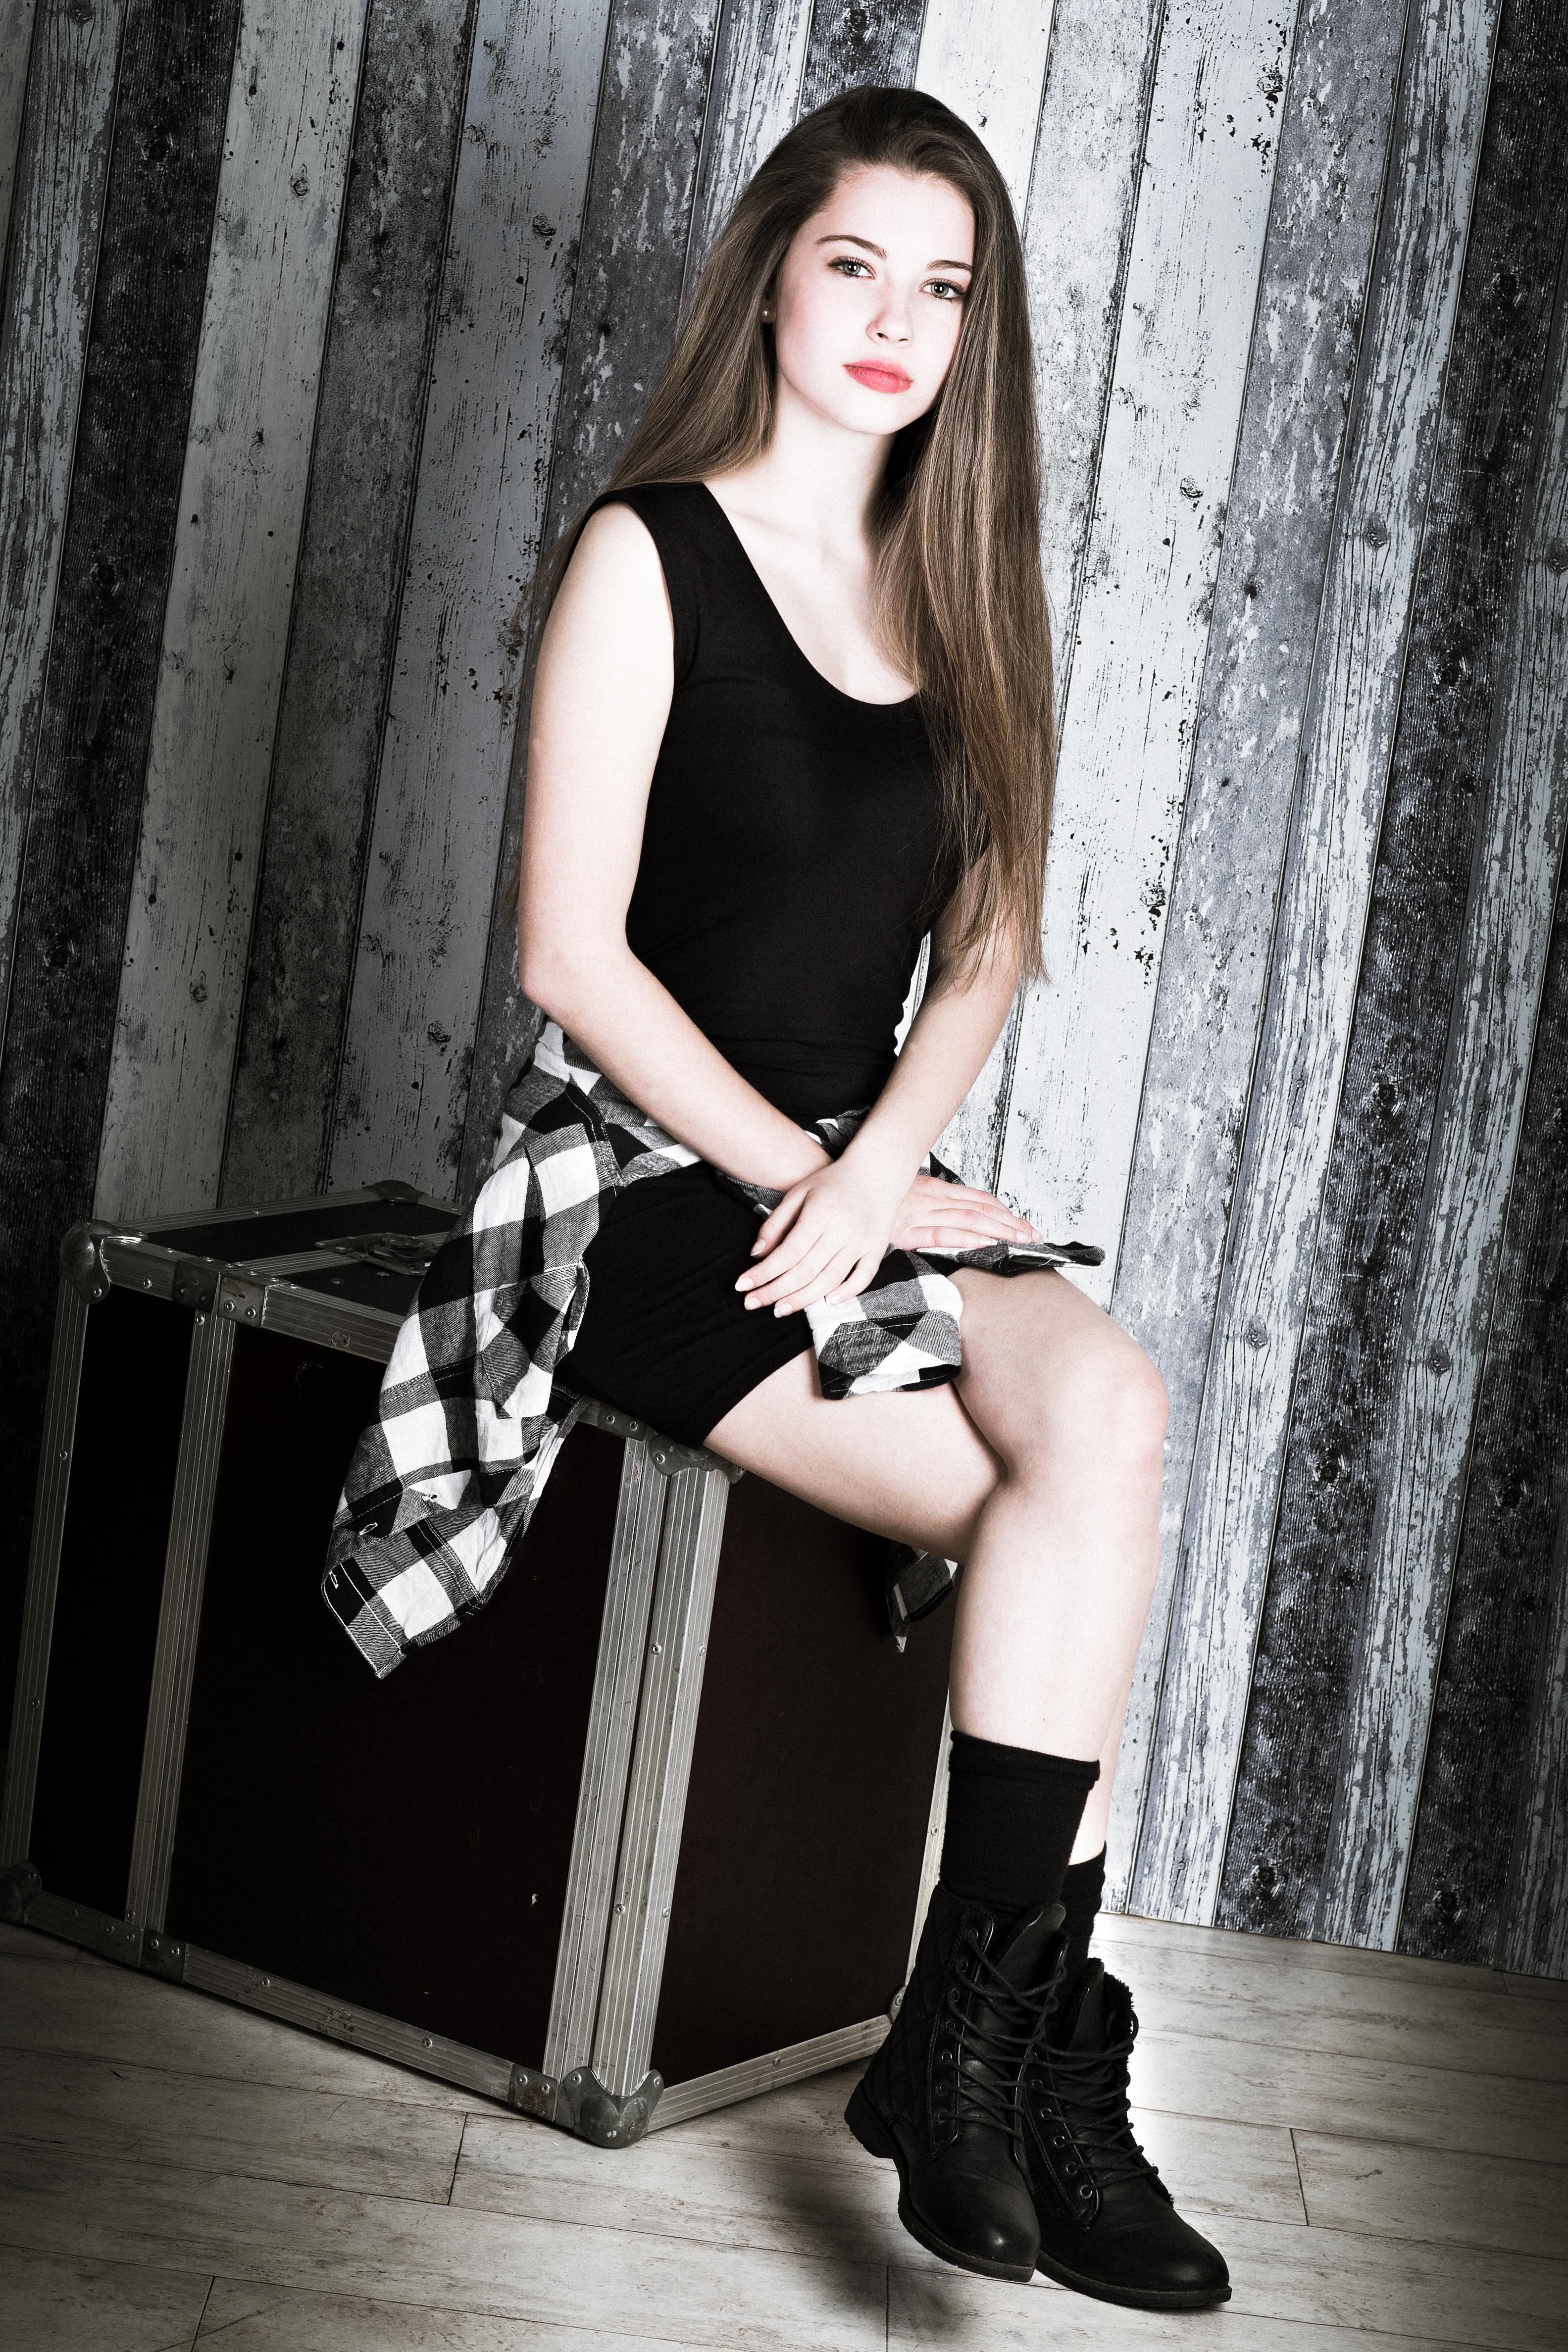 girl_model_14